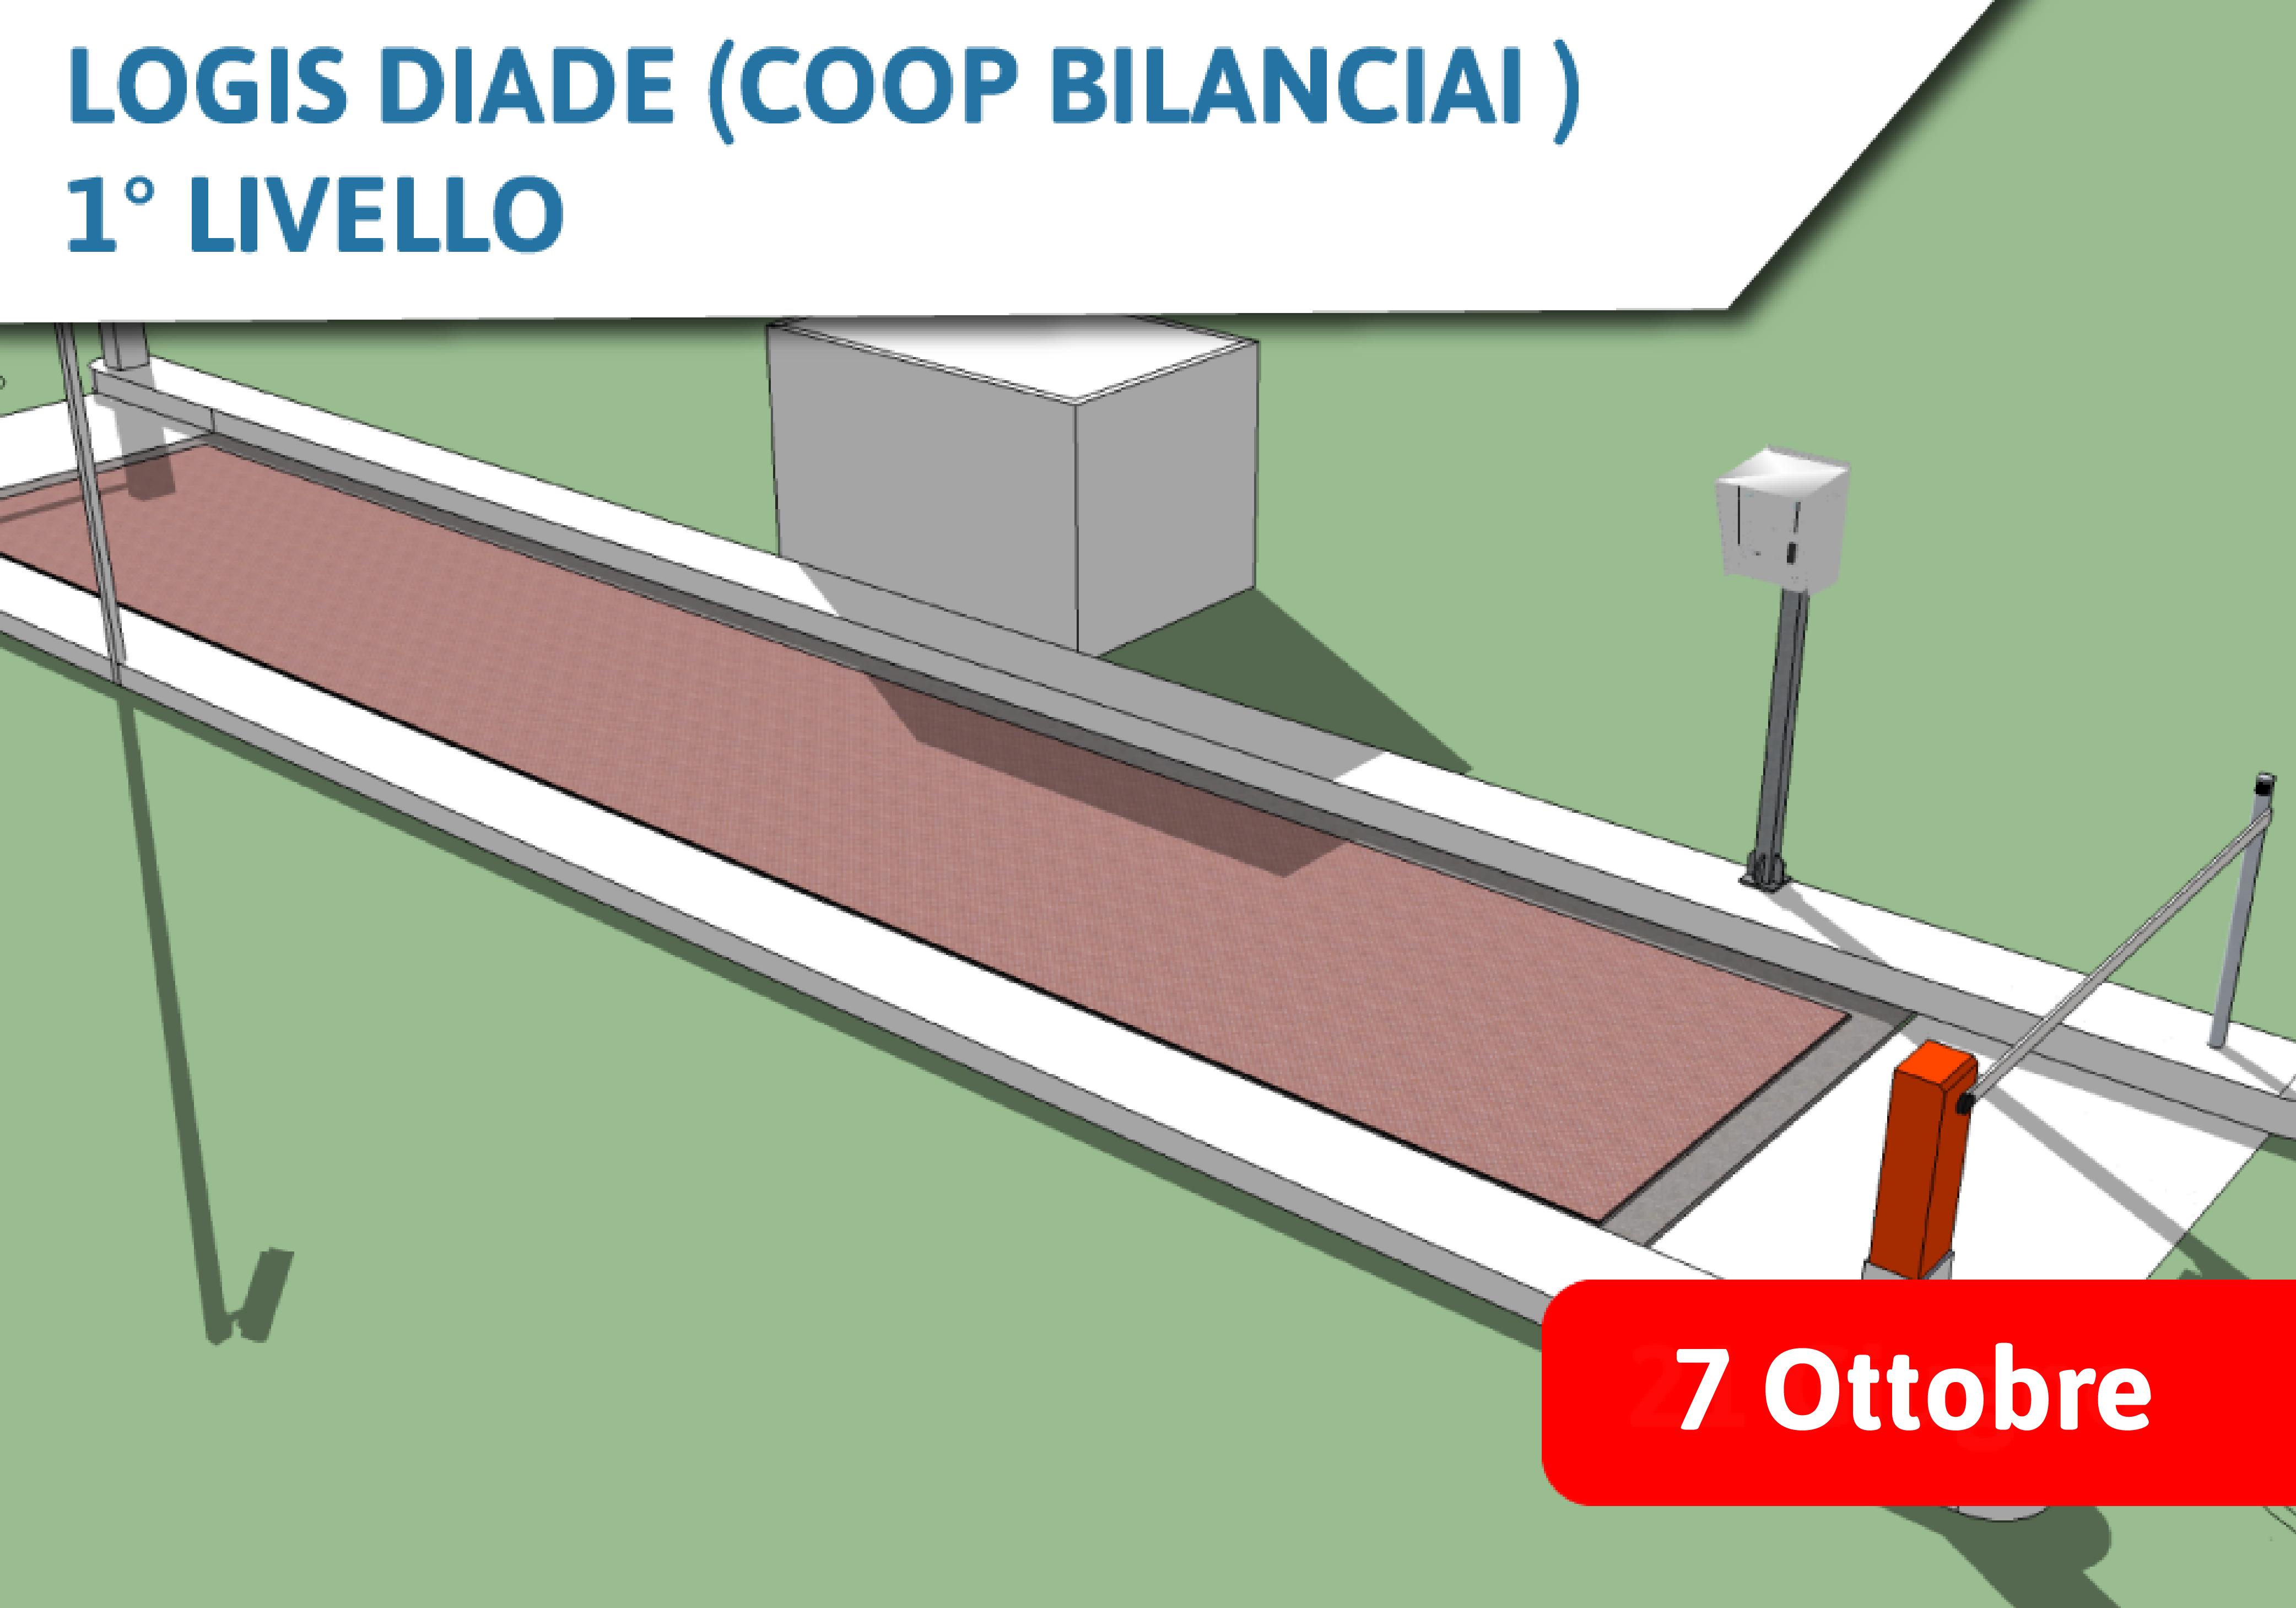 Corso Commerciale Logis Diade (Coop Bilanciai) 1° Livello - 7 Ottobre 2021